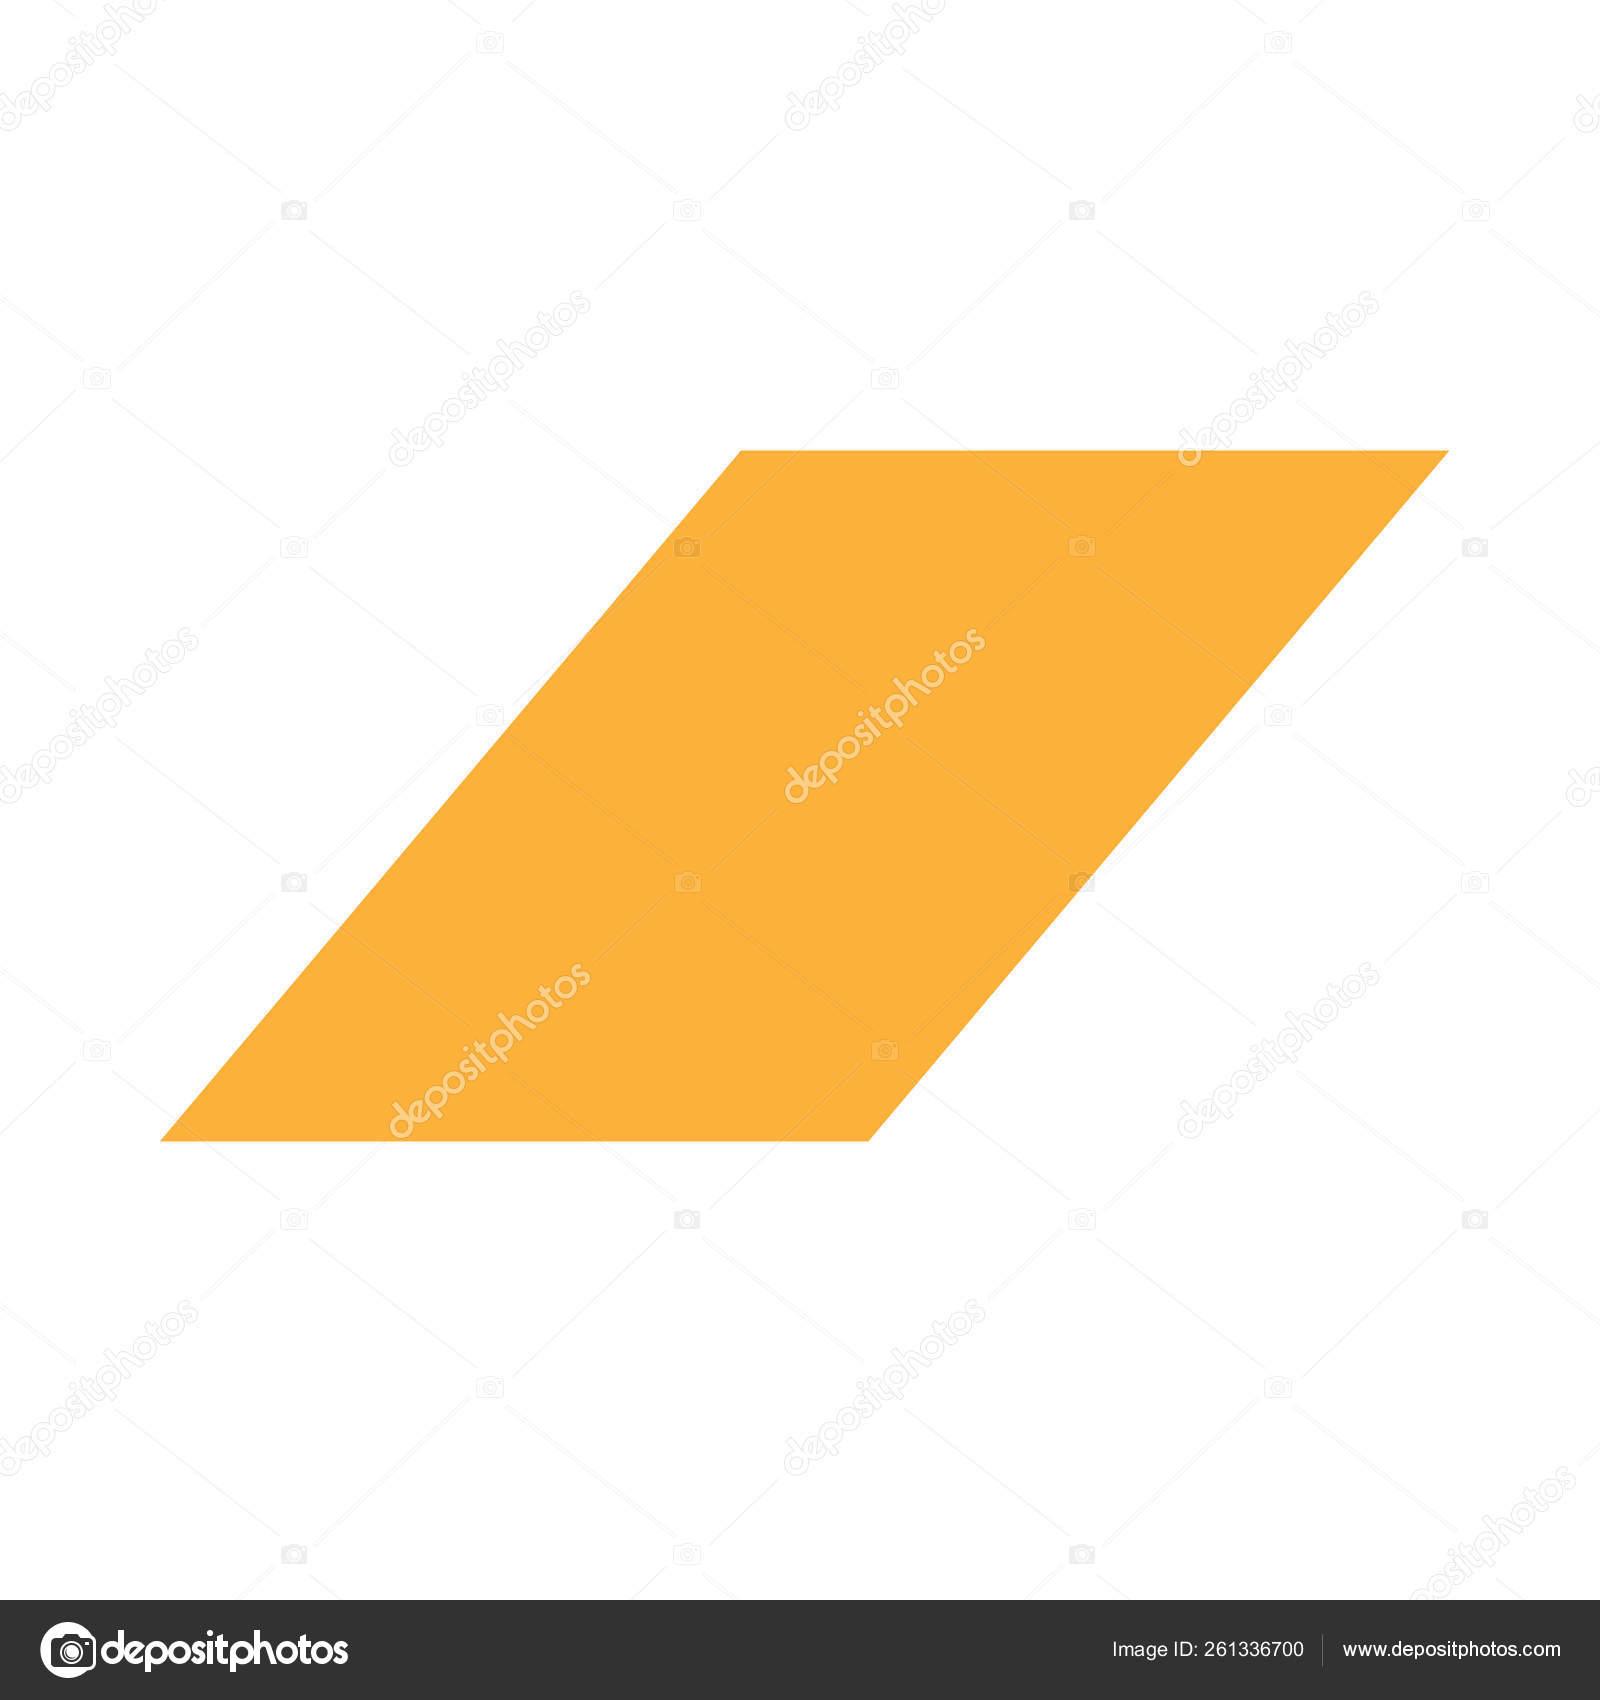 Orange Parallelogram Basic Simple Shapes Isolated White Background